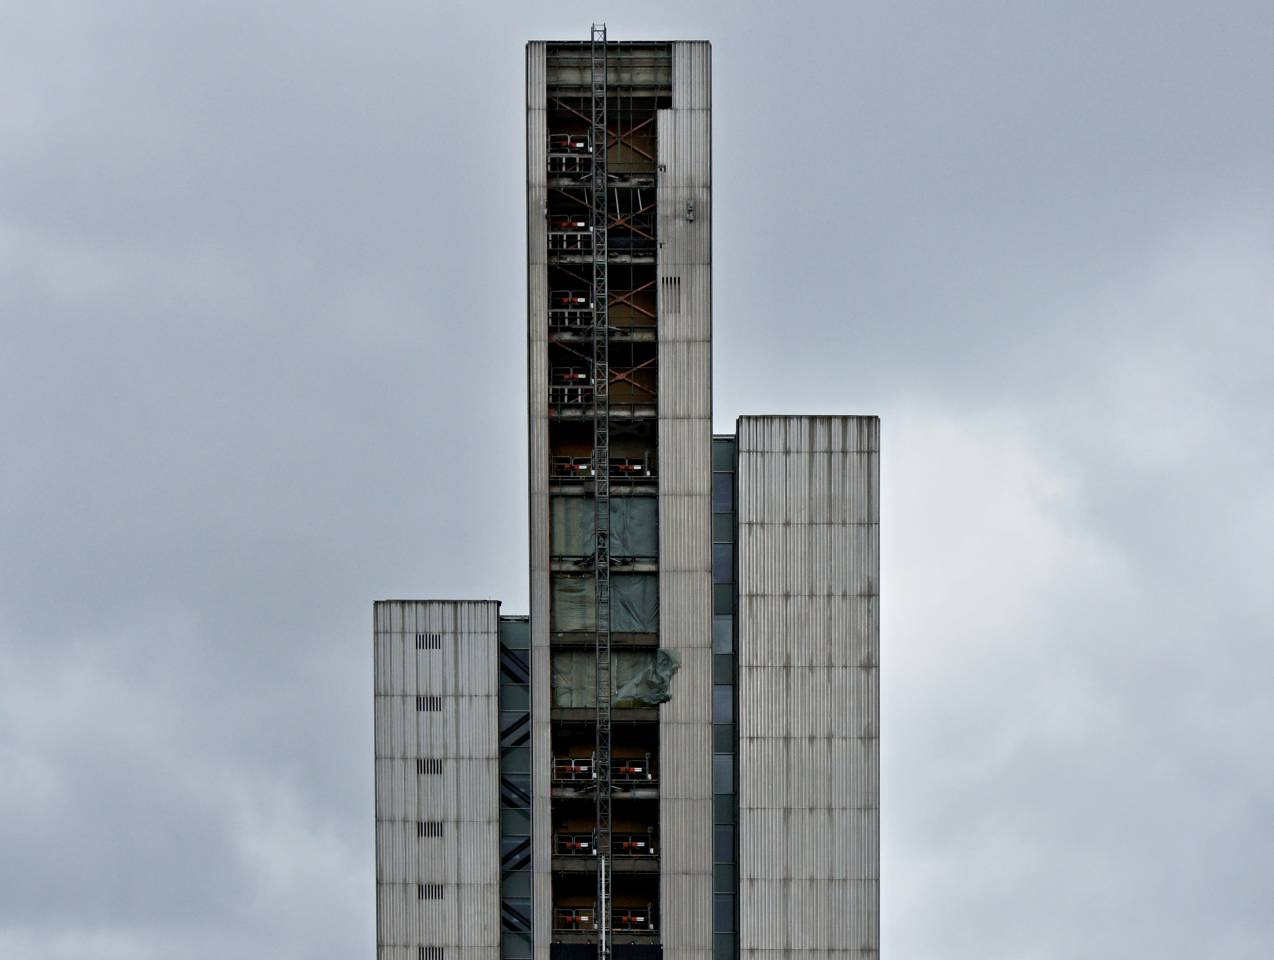 Umbau, Bürogebäude am Kö Bogen